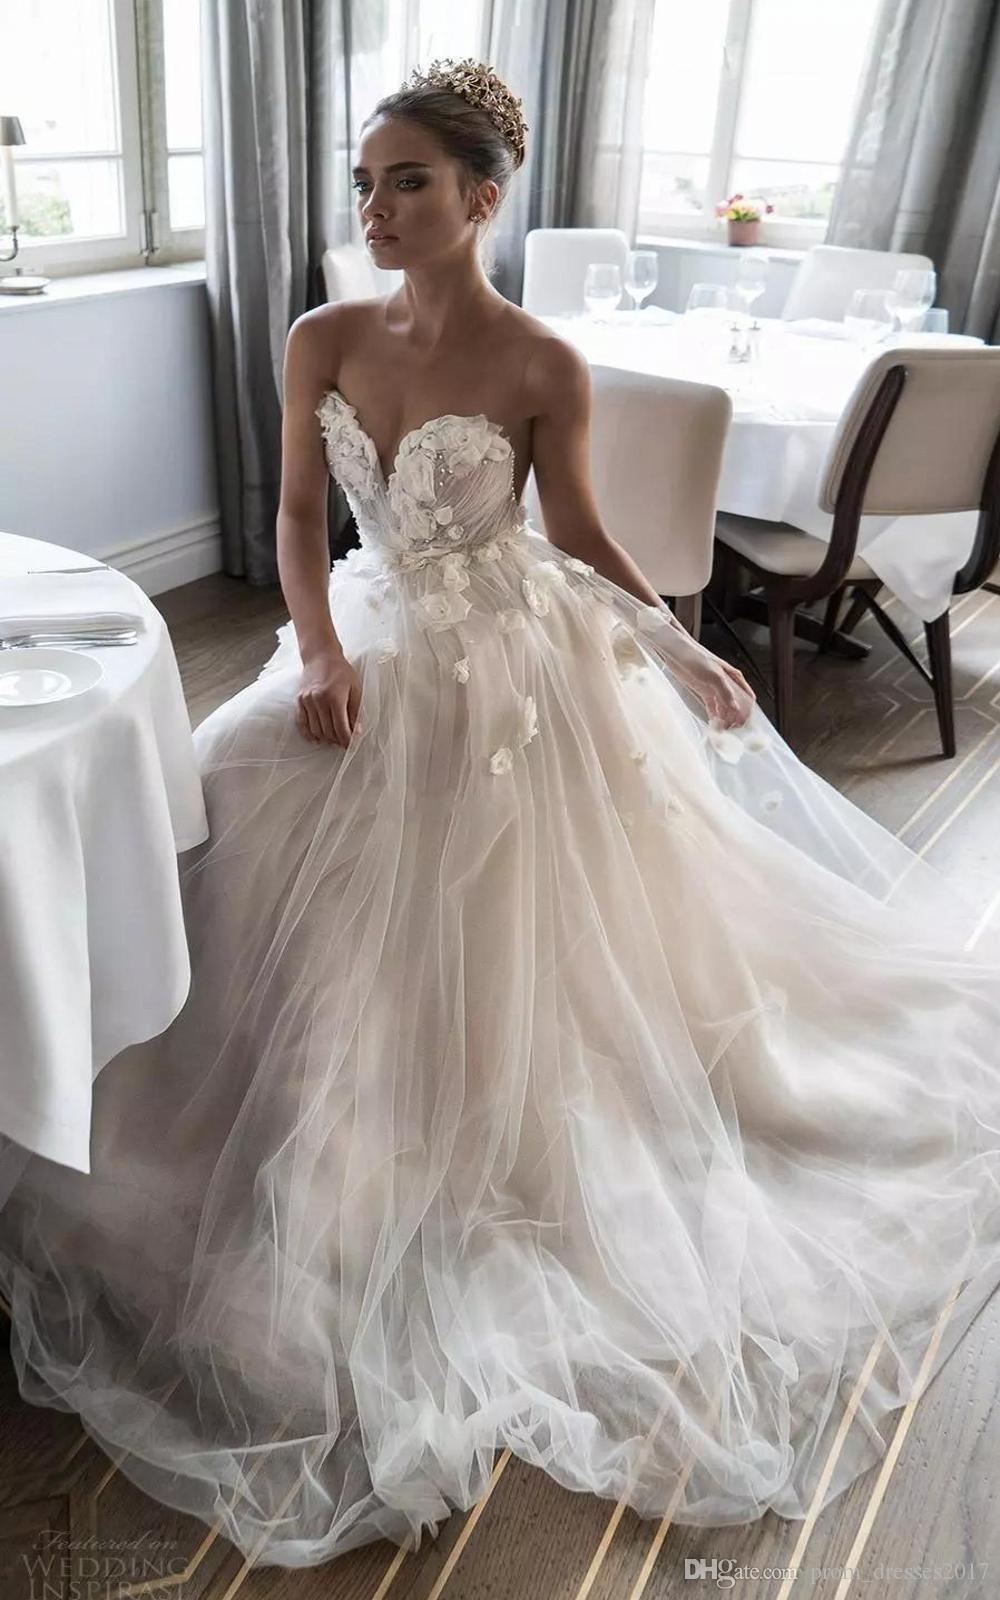 Moderno design original flor artesanal vestidos de casamento sweetheart pérolas tulle uma linha design romântico vestidos de noiva feito sob encomenda